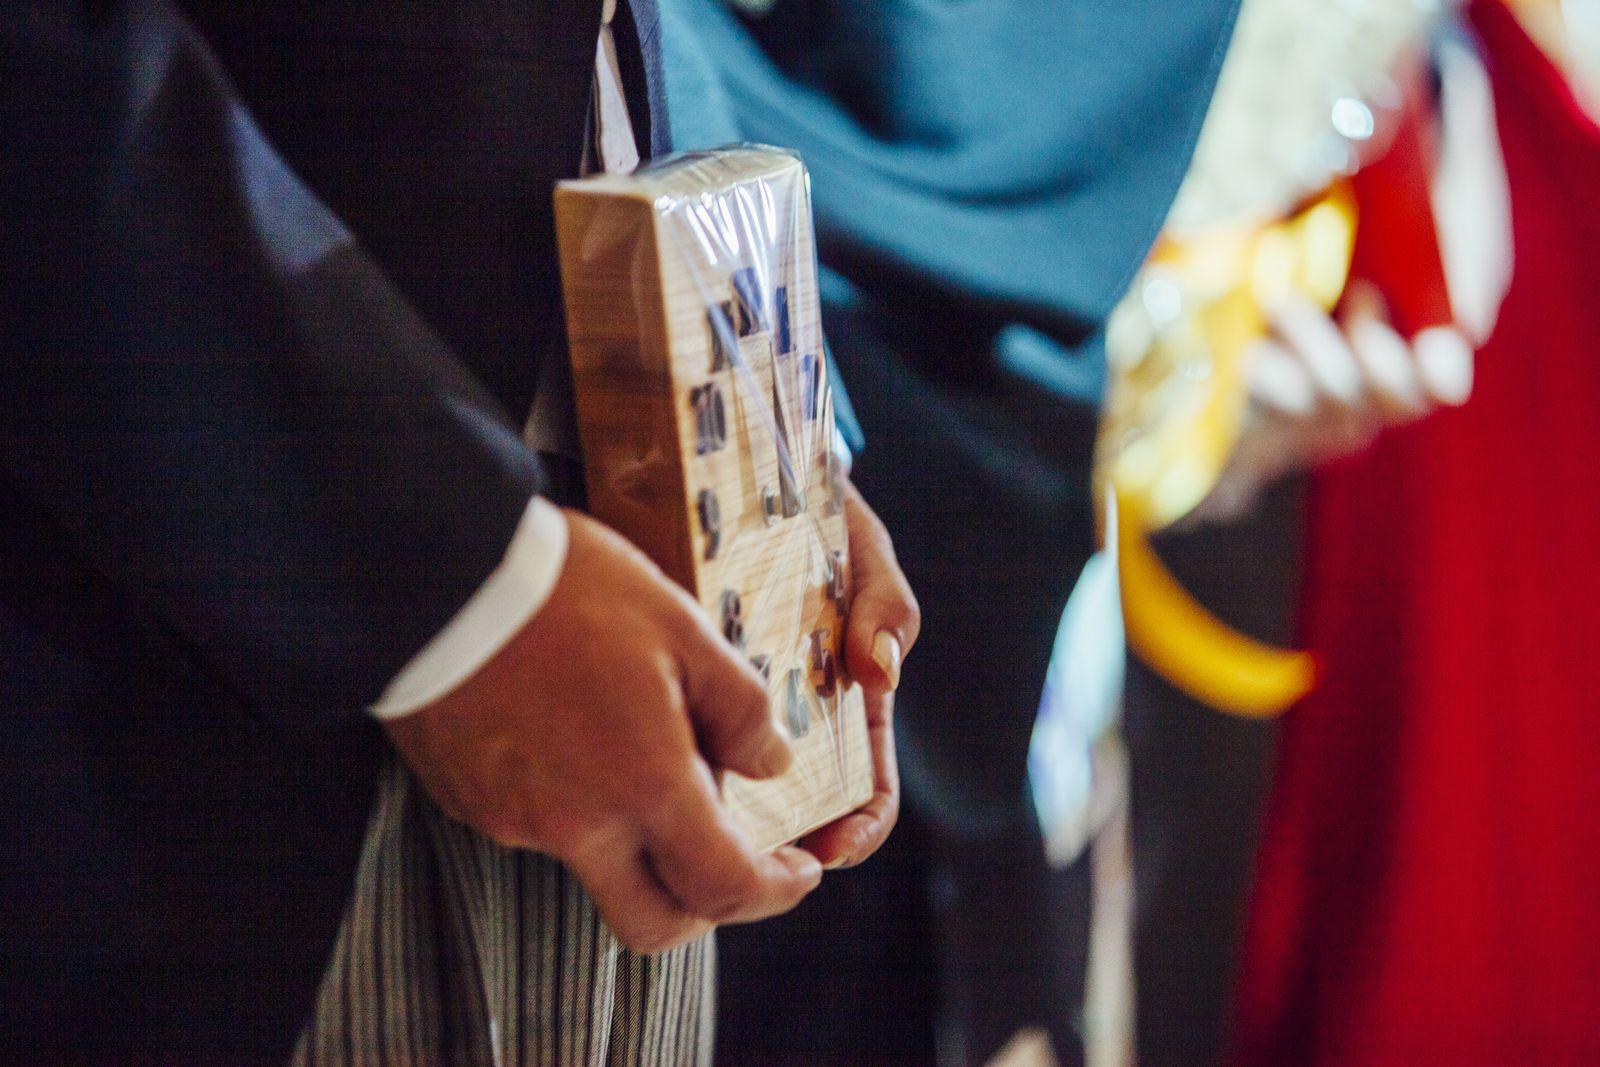 香川県の結婚式場シェルエメール&アイスタイルの記念品贈呈